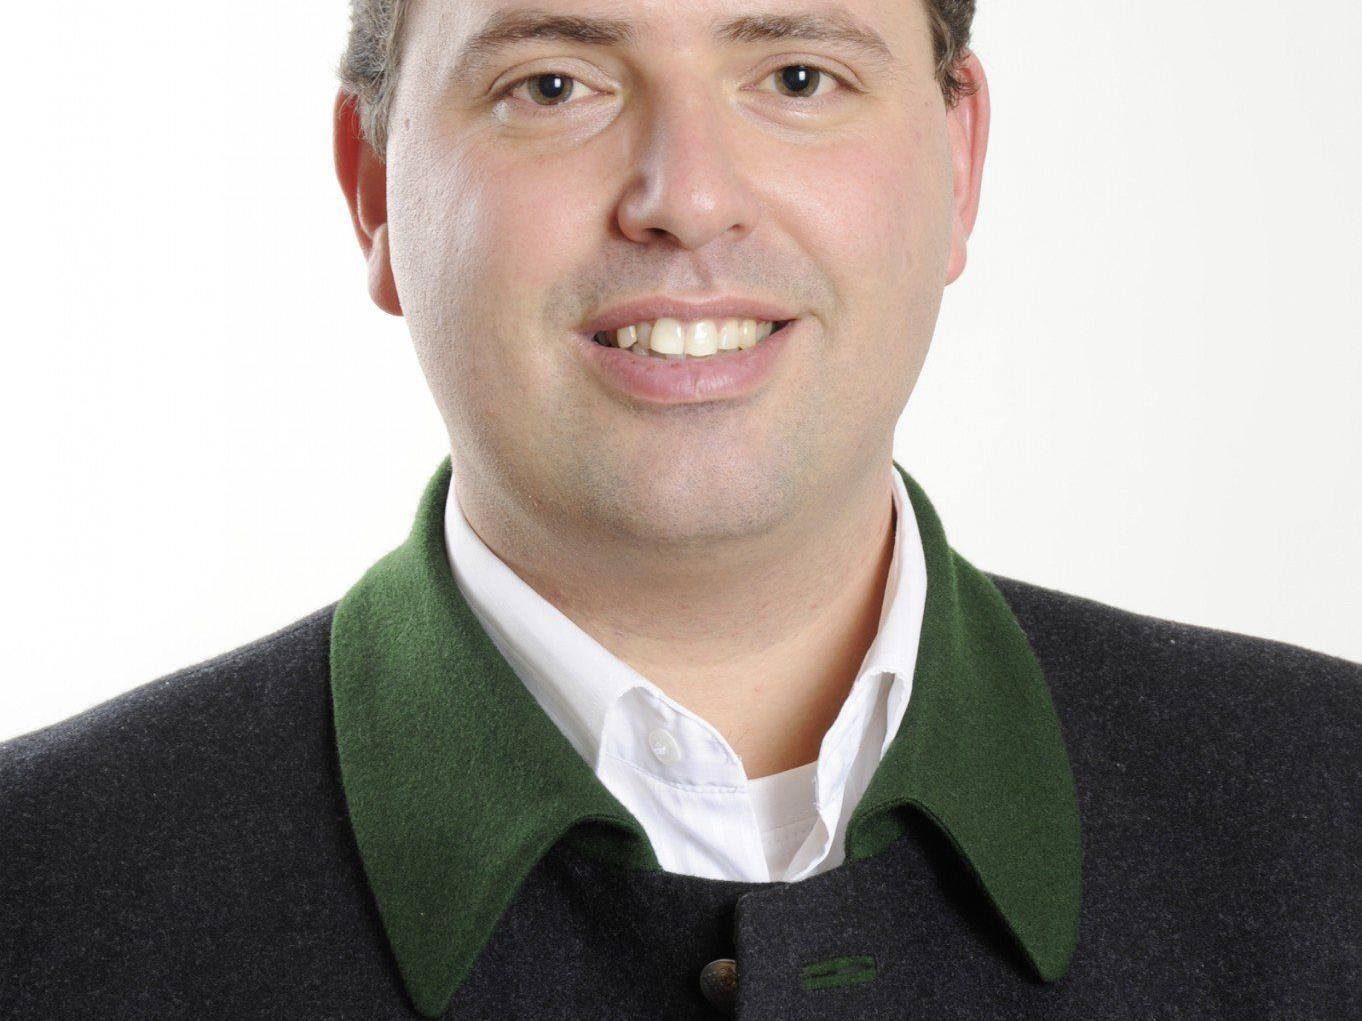 Manuel Bitschnau steht in den Startlöchern für seine neuen Aufgaben.